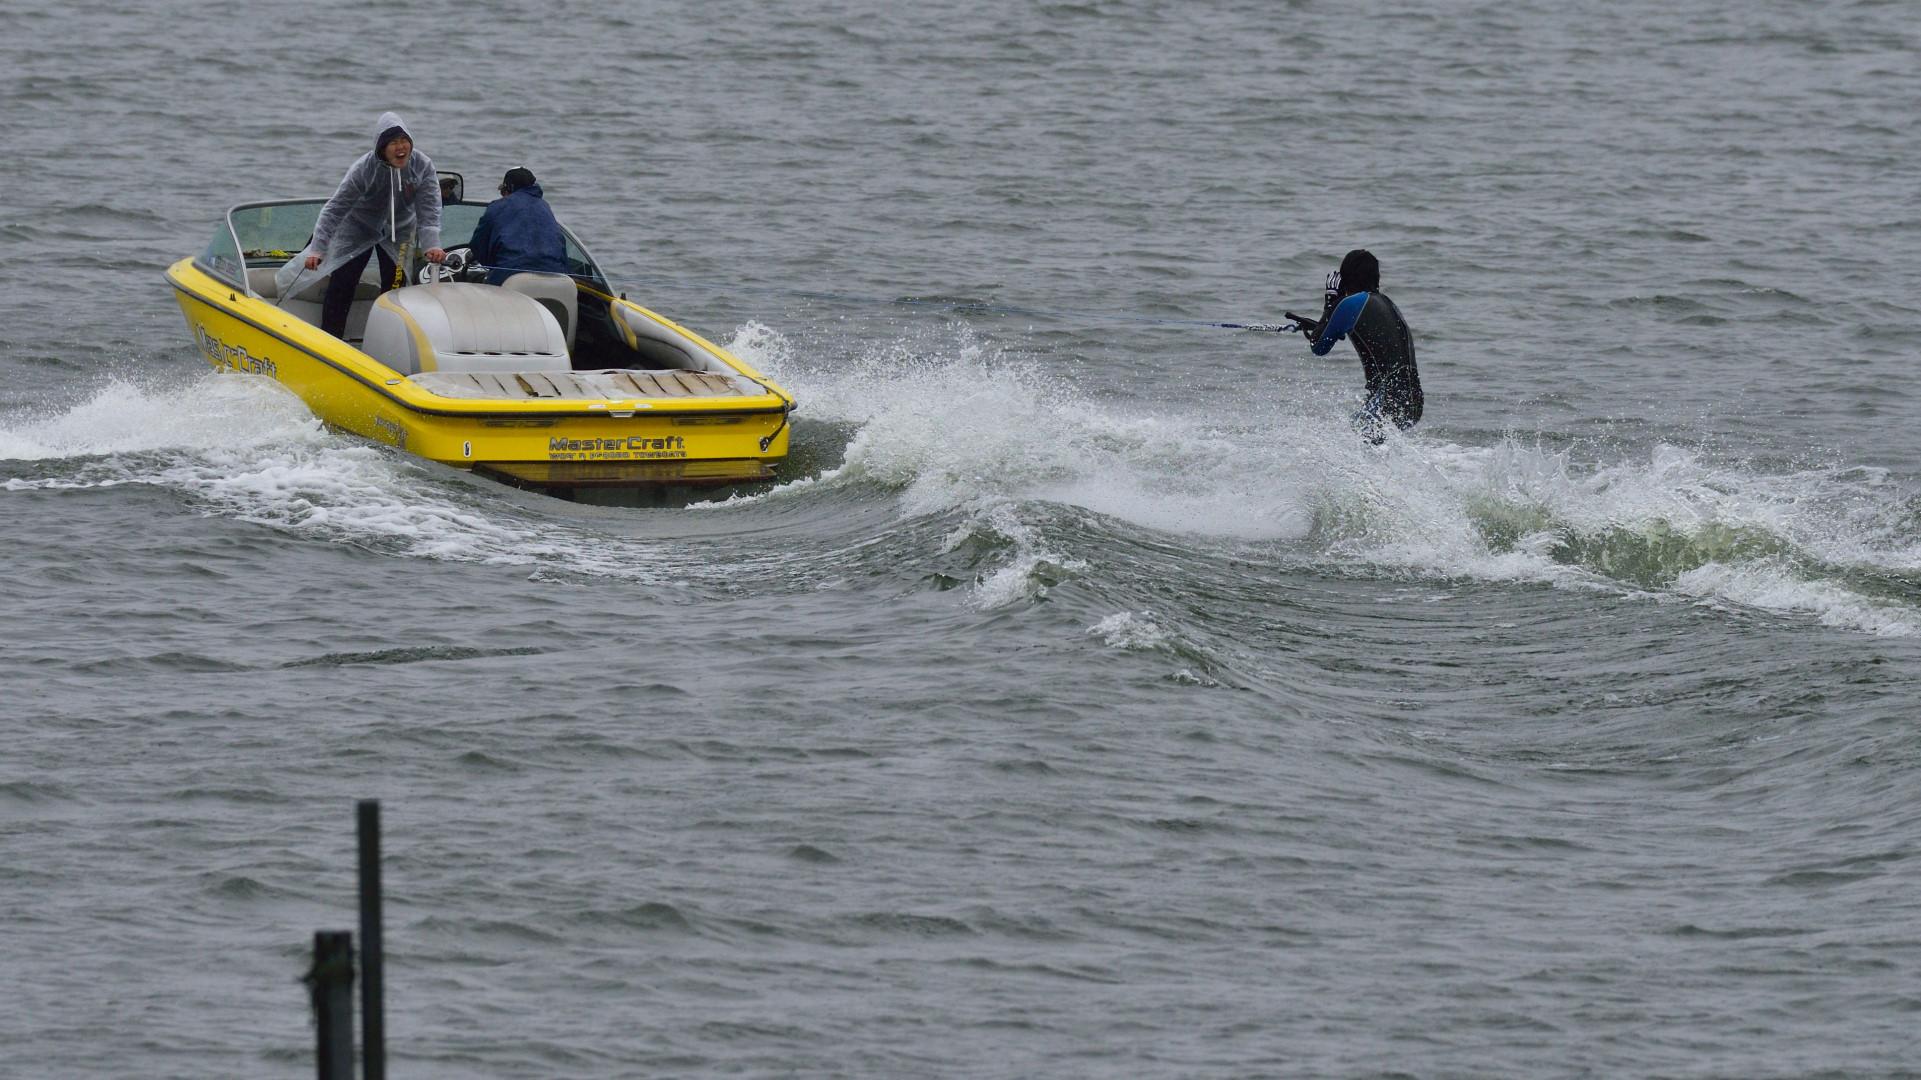 水上スキー、一旦休止の指示!